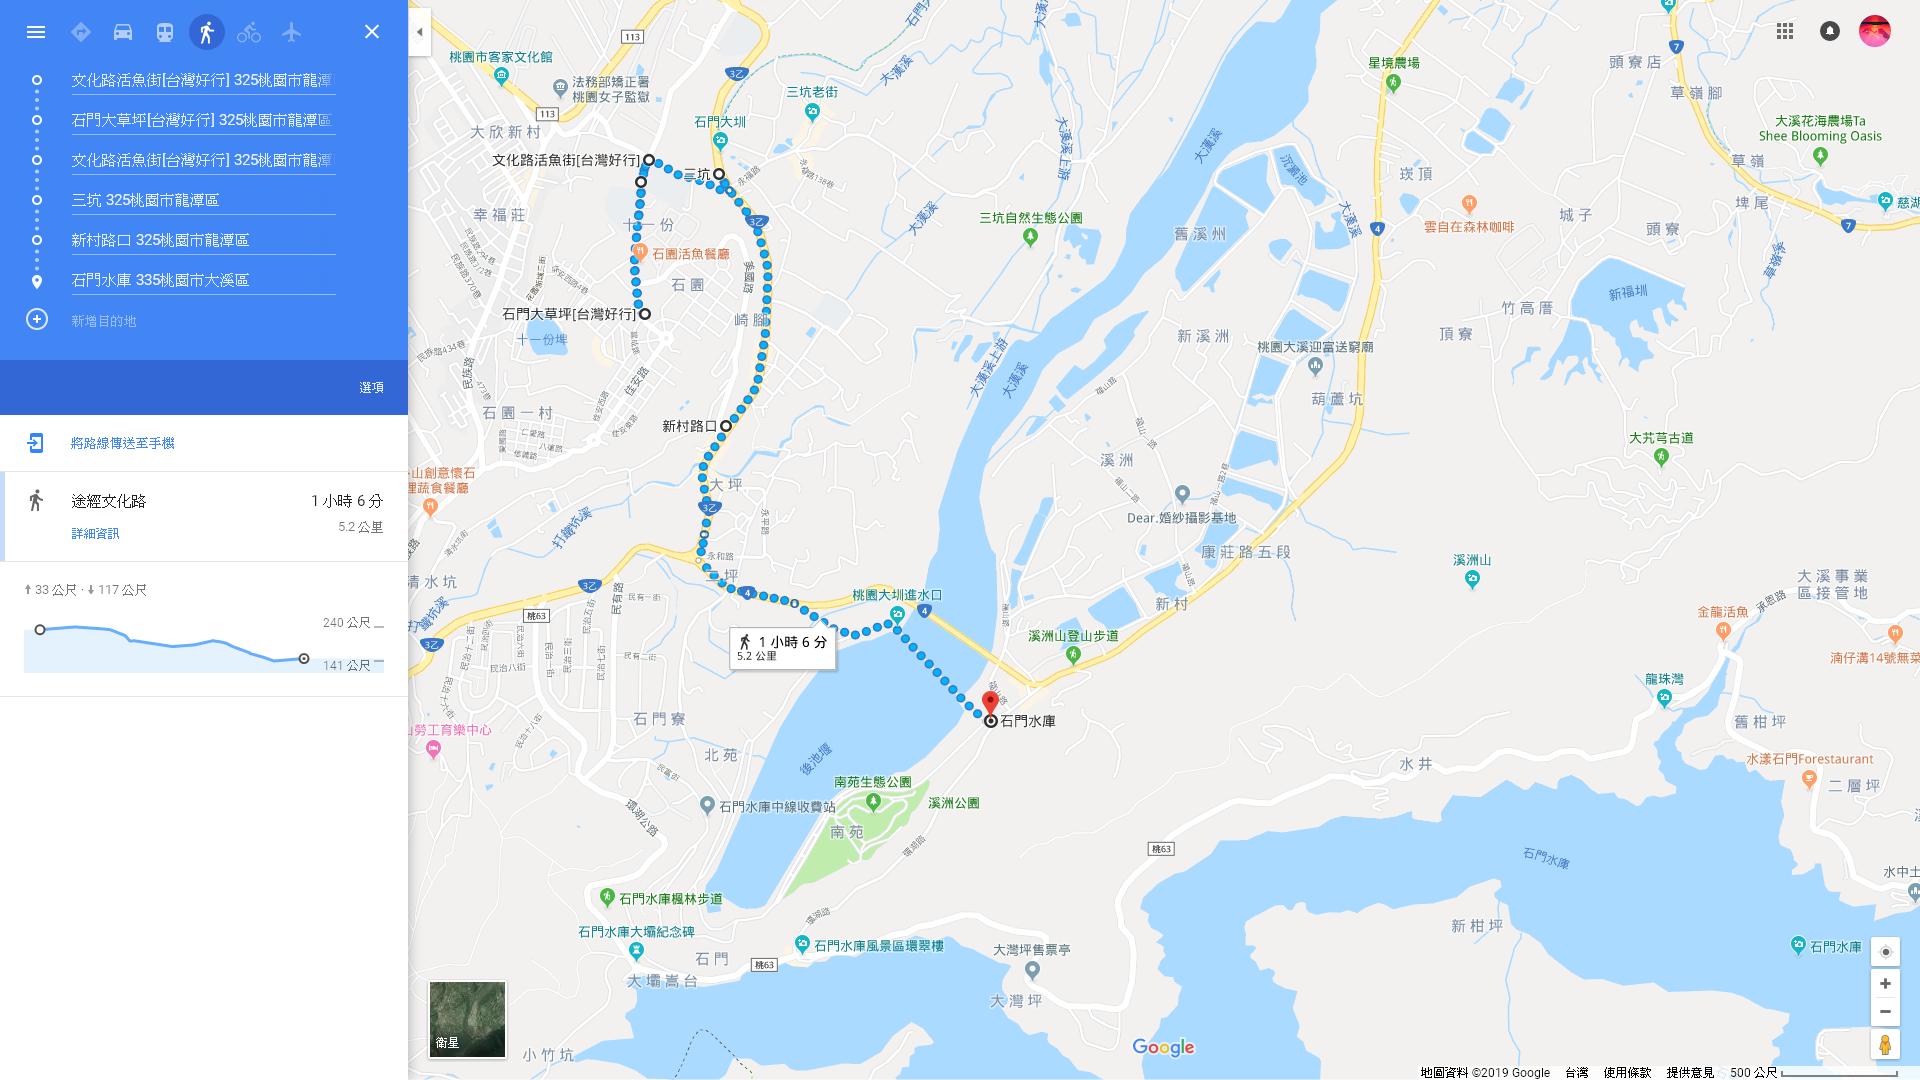 石門水庫-附近google地圖-台灣好行各站點.PNG